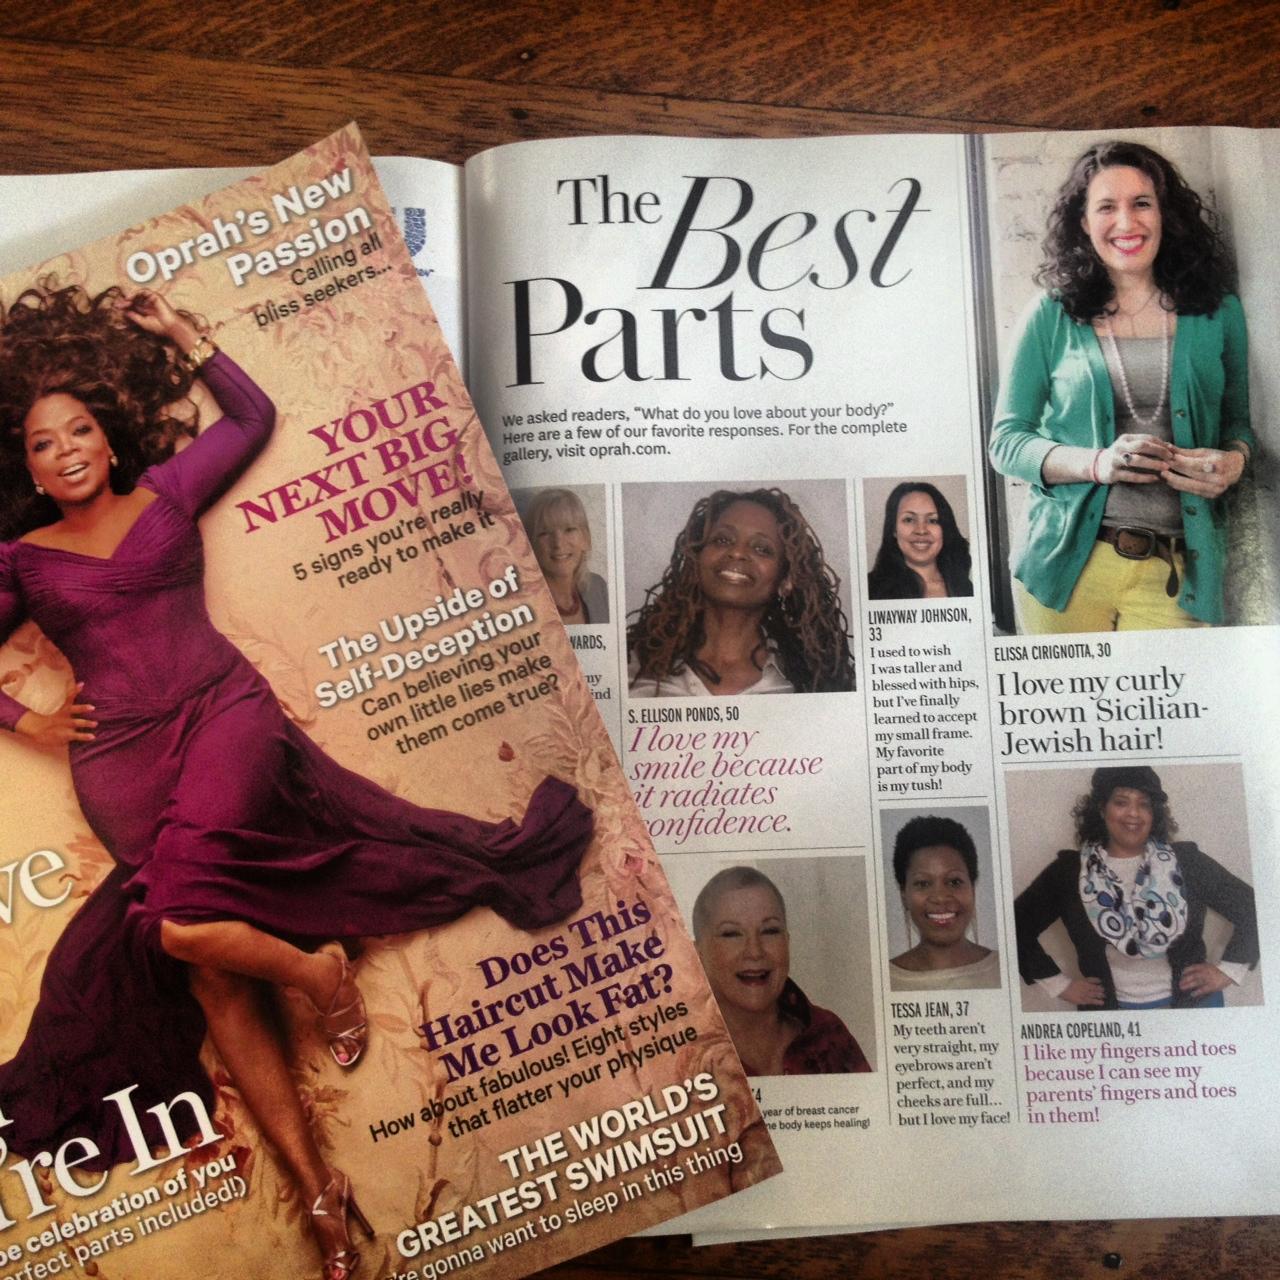 The Oprah Magazine May 2014